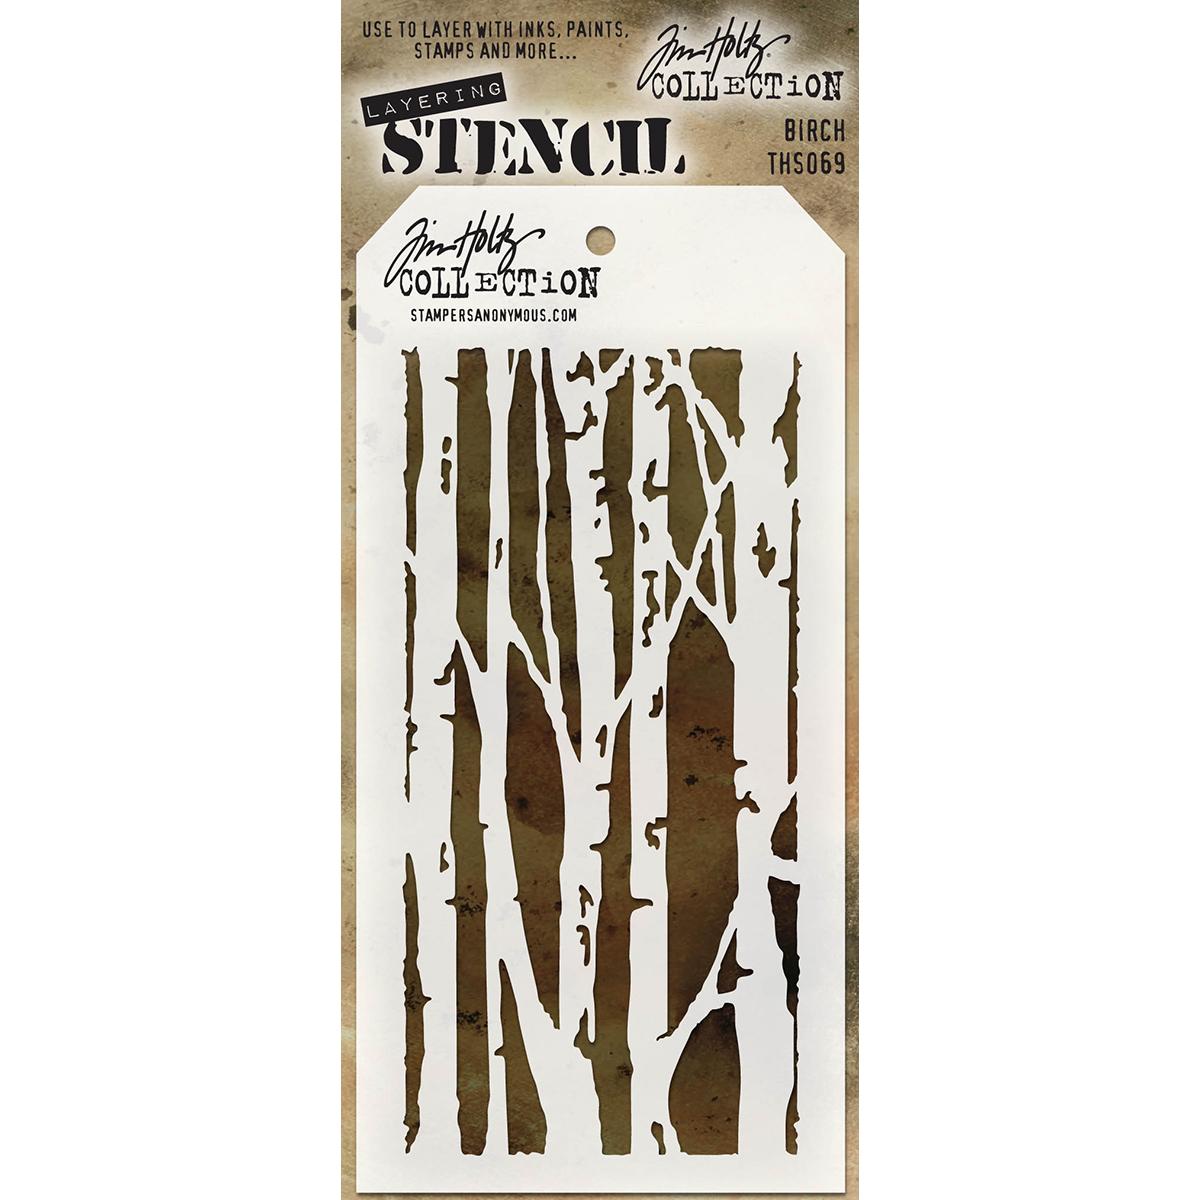 Tim Holtz Layered Stencil 4.125X8.5-Birch